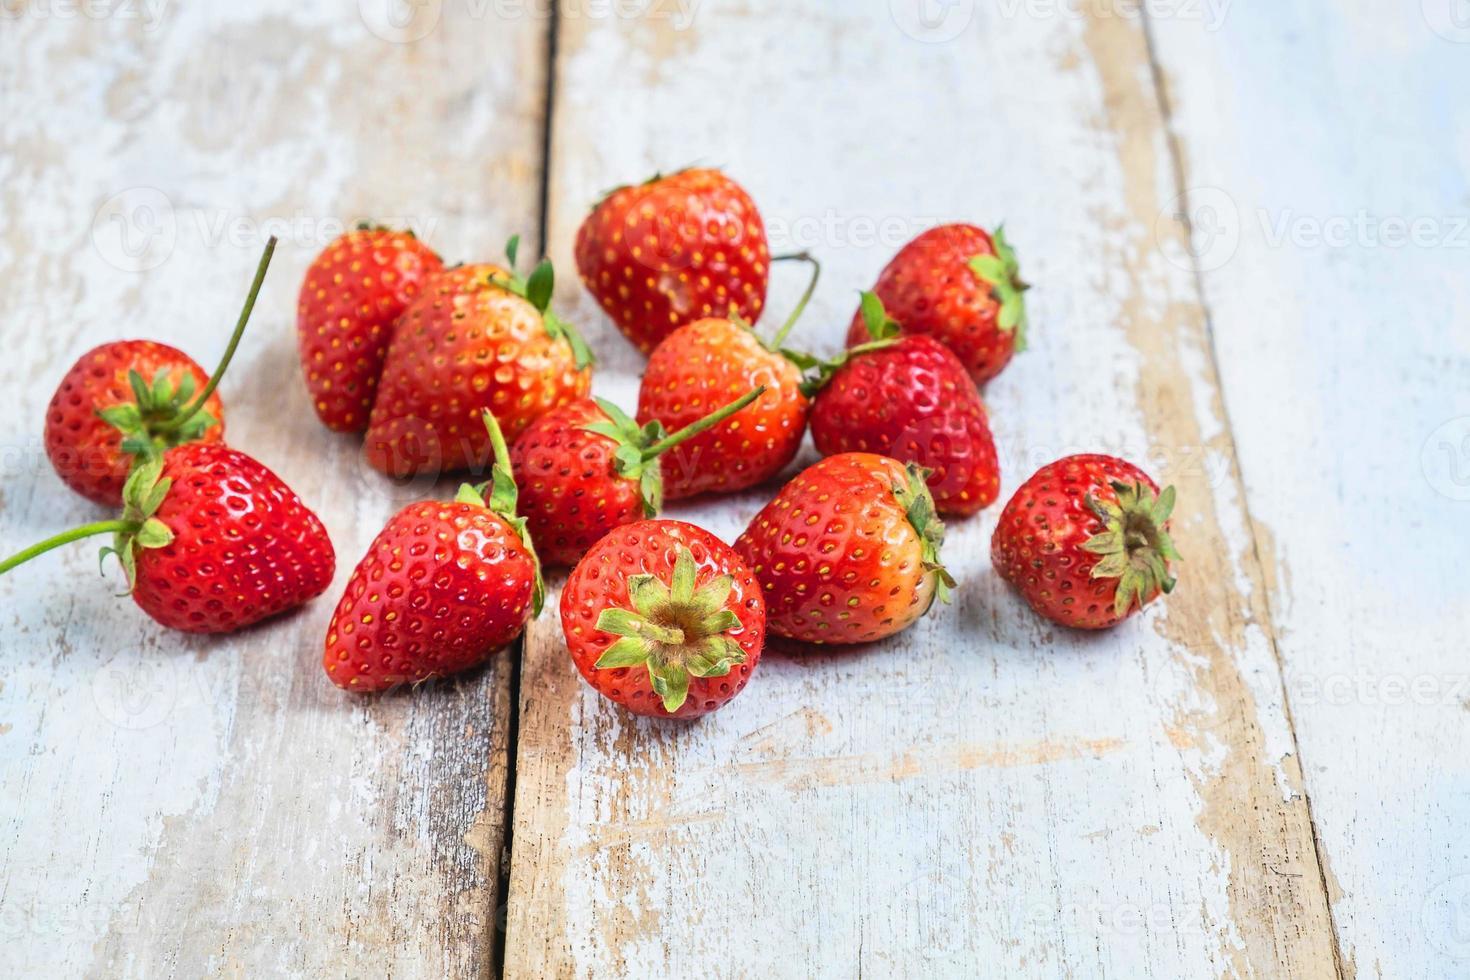 aardbeien op een houten tafel foto